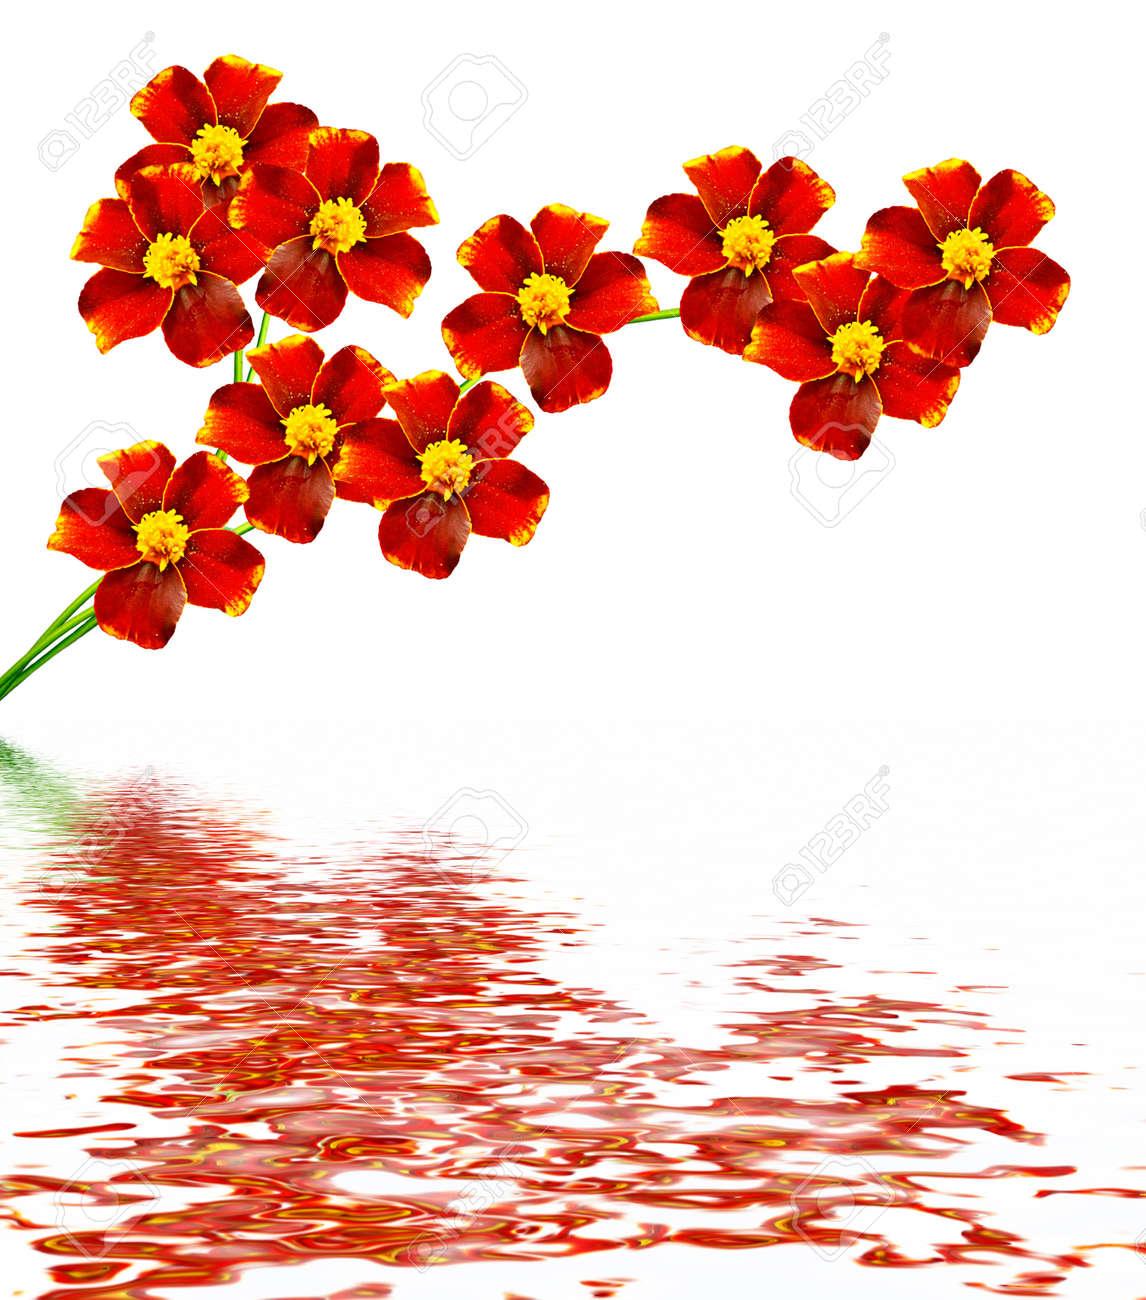 Marigold flowers isolated on white background autumn flowers stock marigold flowers isolated on white background autumn flowers stock photo 52762736 mightylinksfo